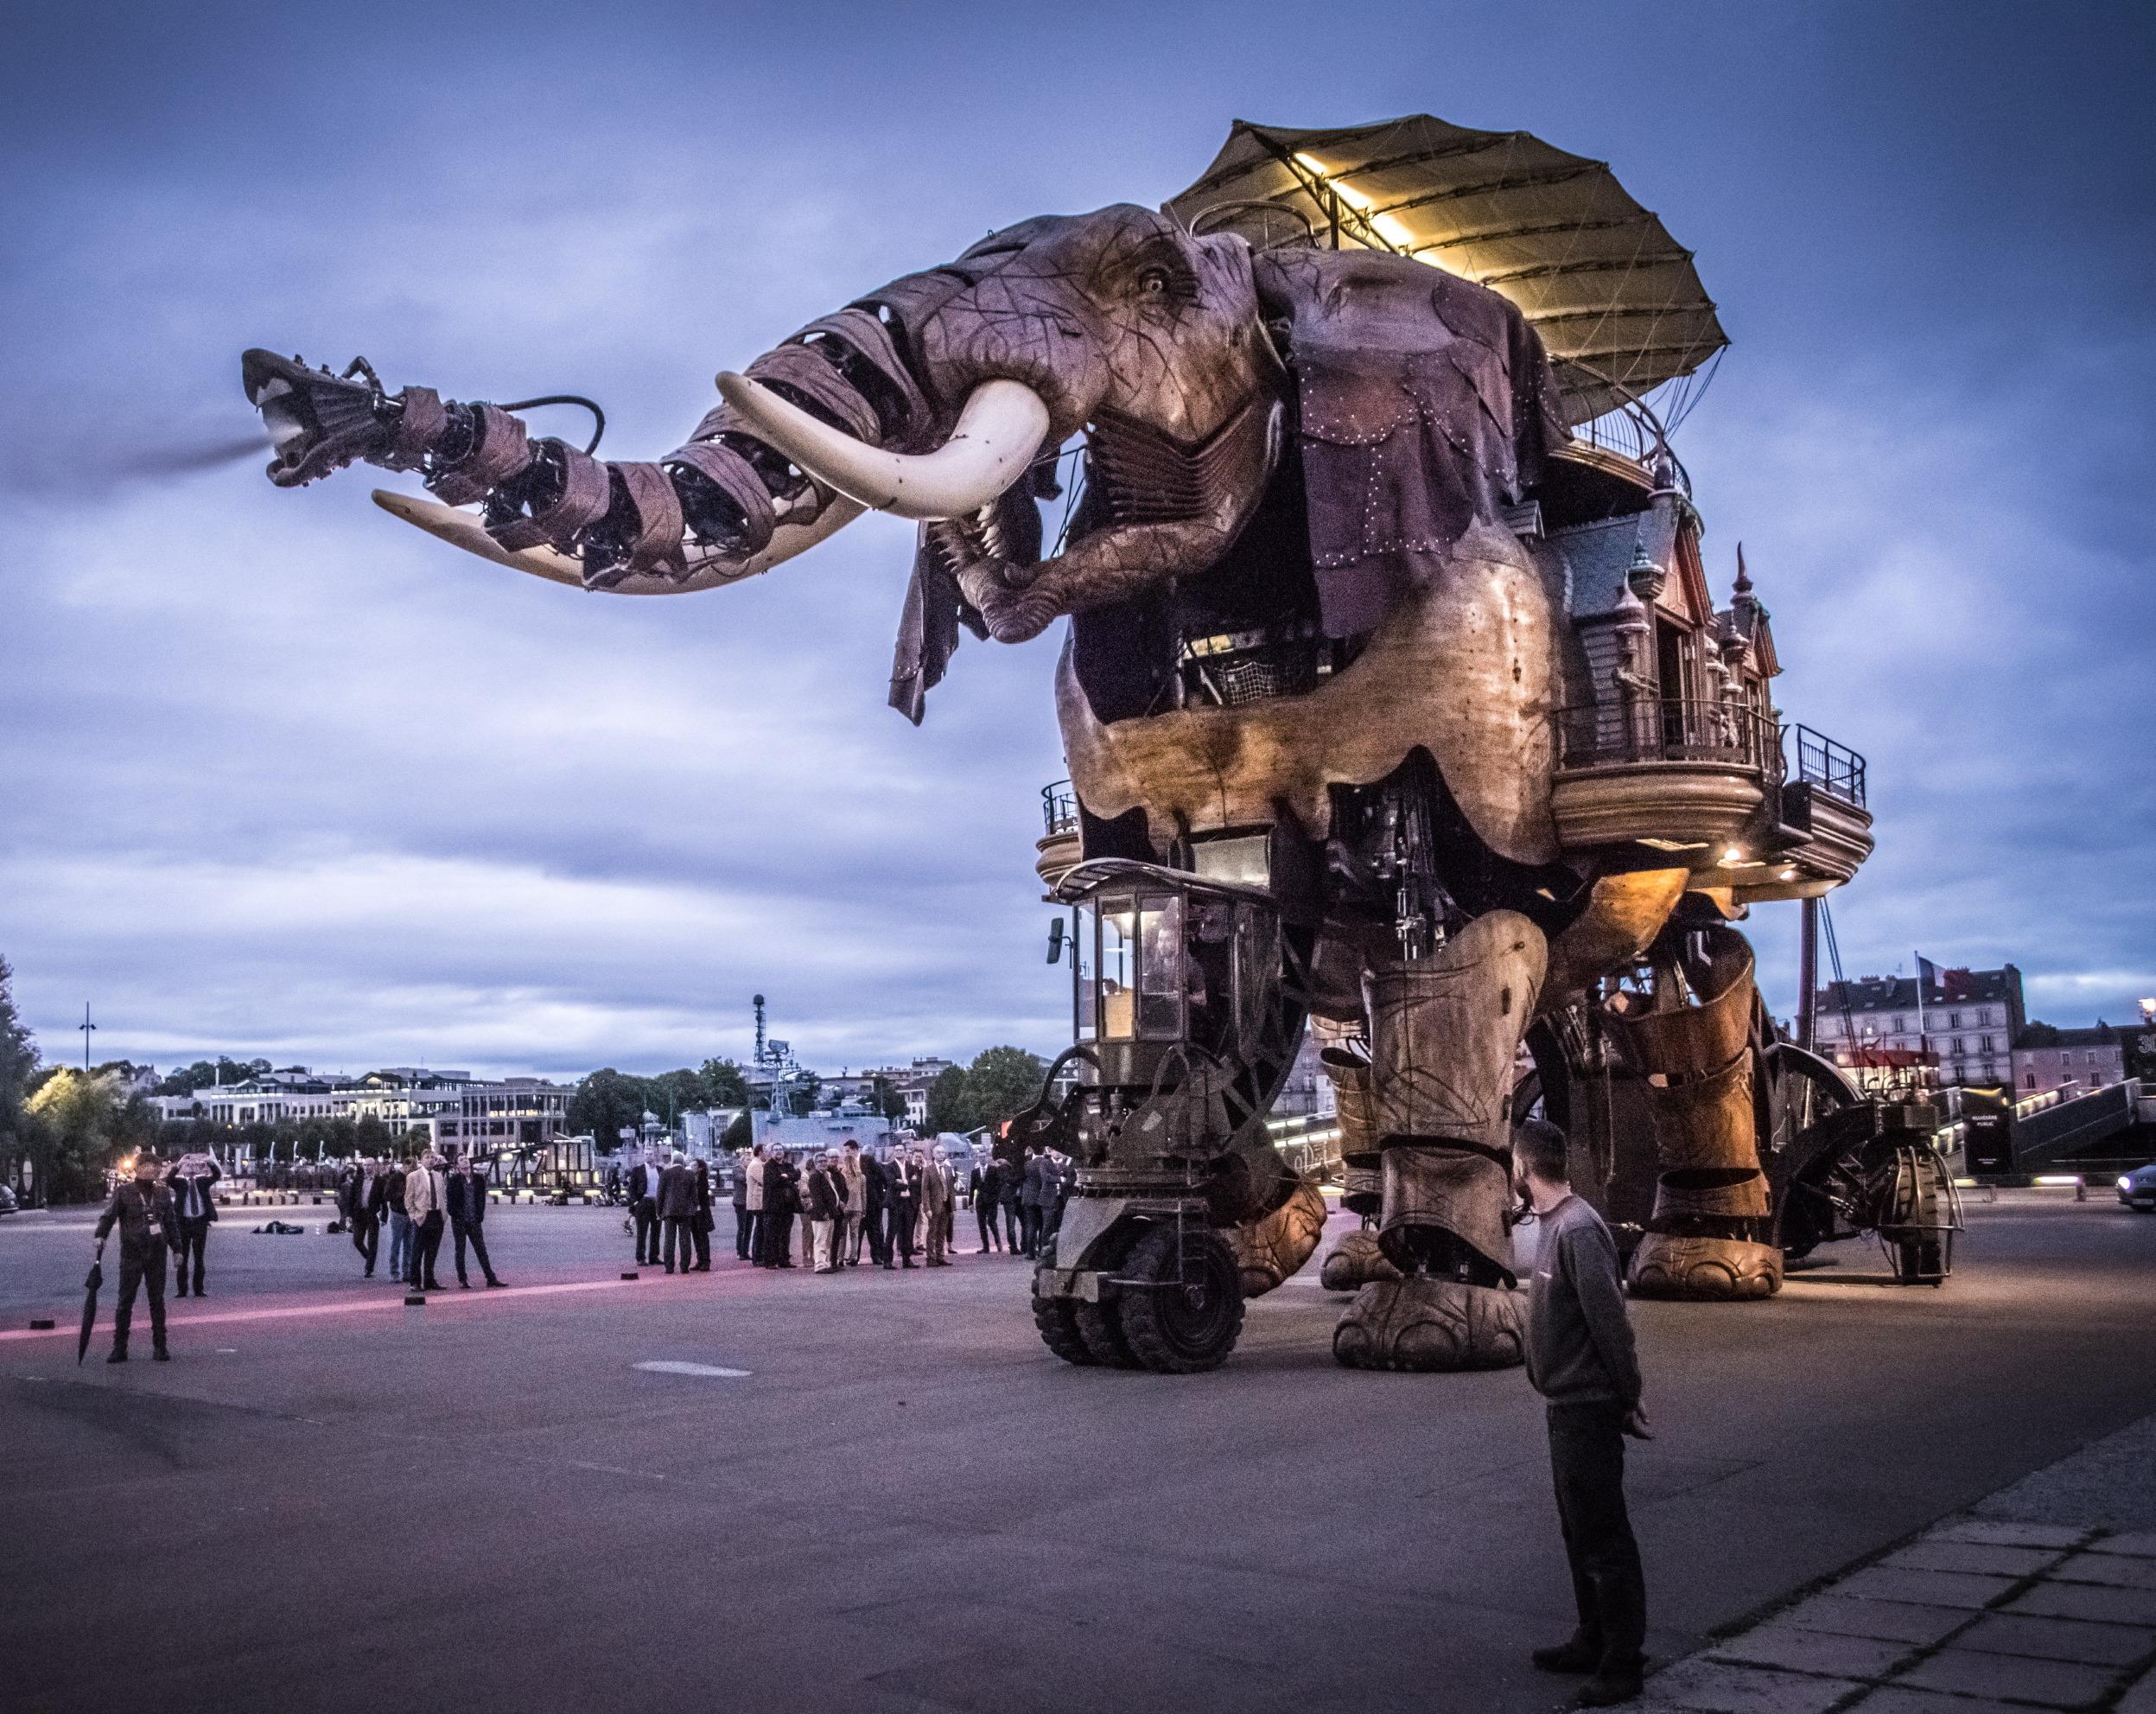 Les Machines de l'île, Nantes © Romain Peneau